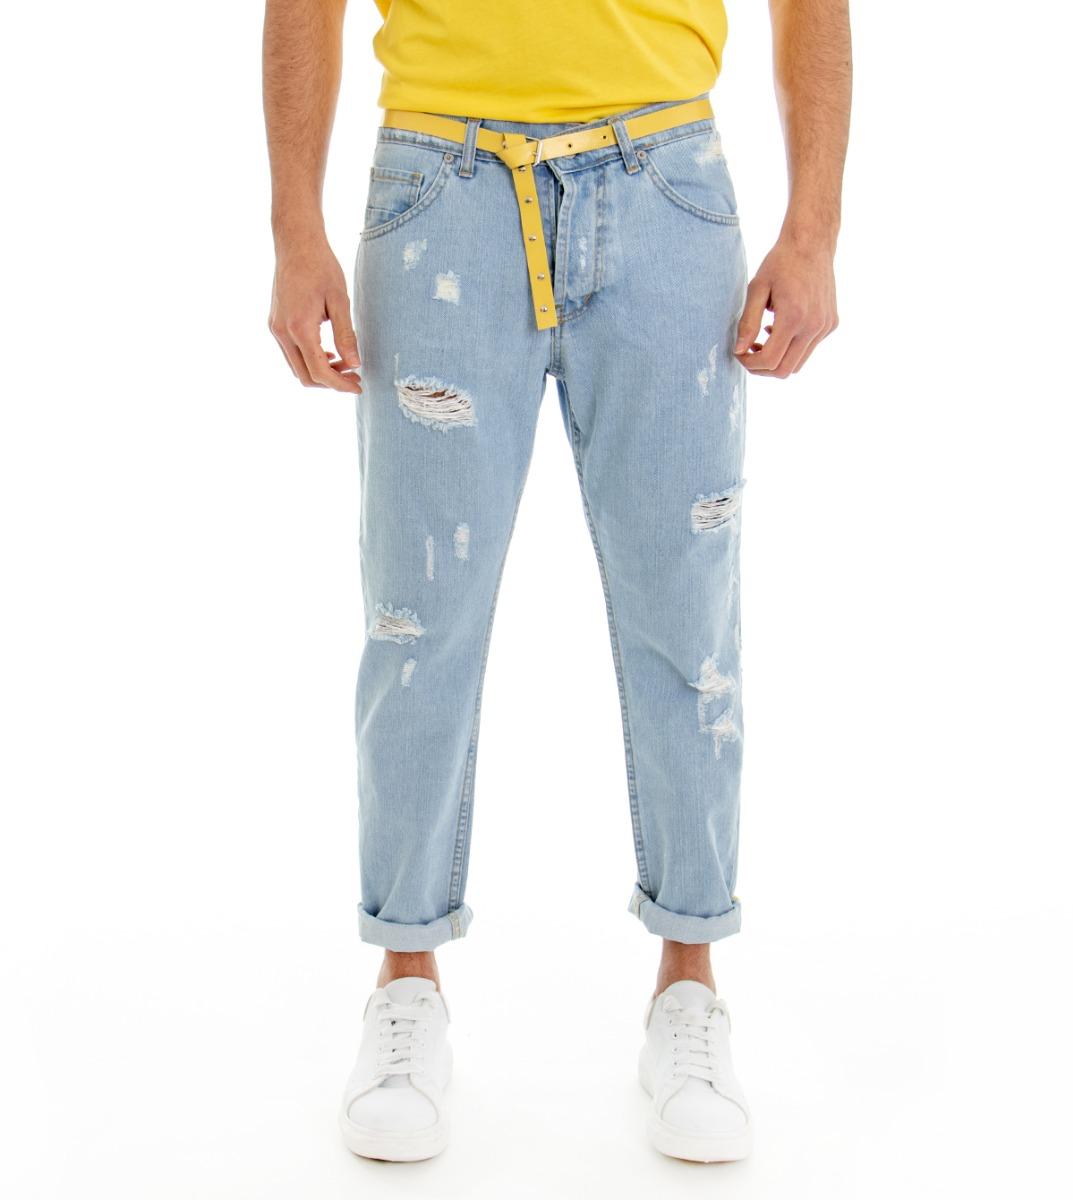 Pantalone-Denim-Chiaro-Uomo-Jeans-Cinque-Tasche-Con-Rotture-MOD-Cotone-GIOSAL miniatura 4